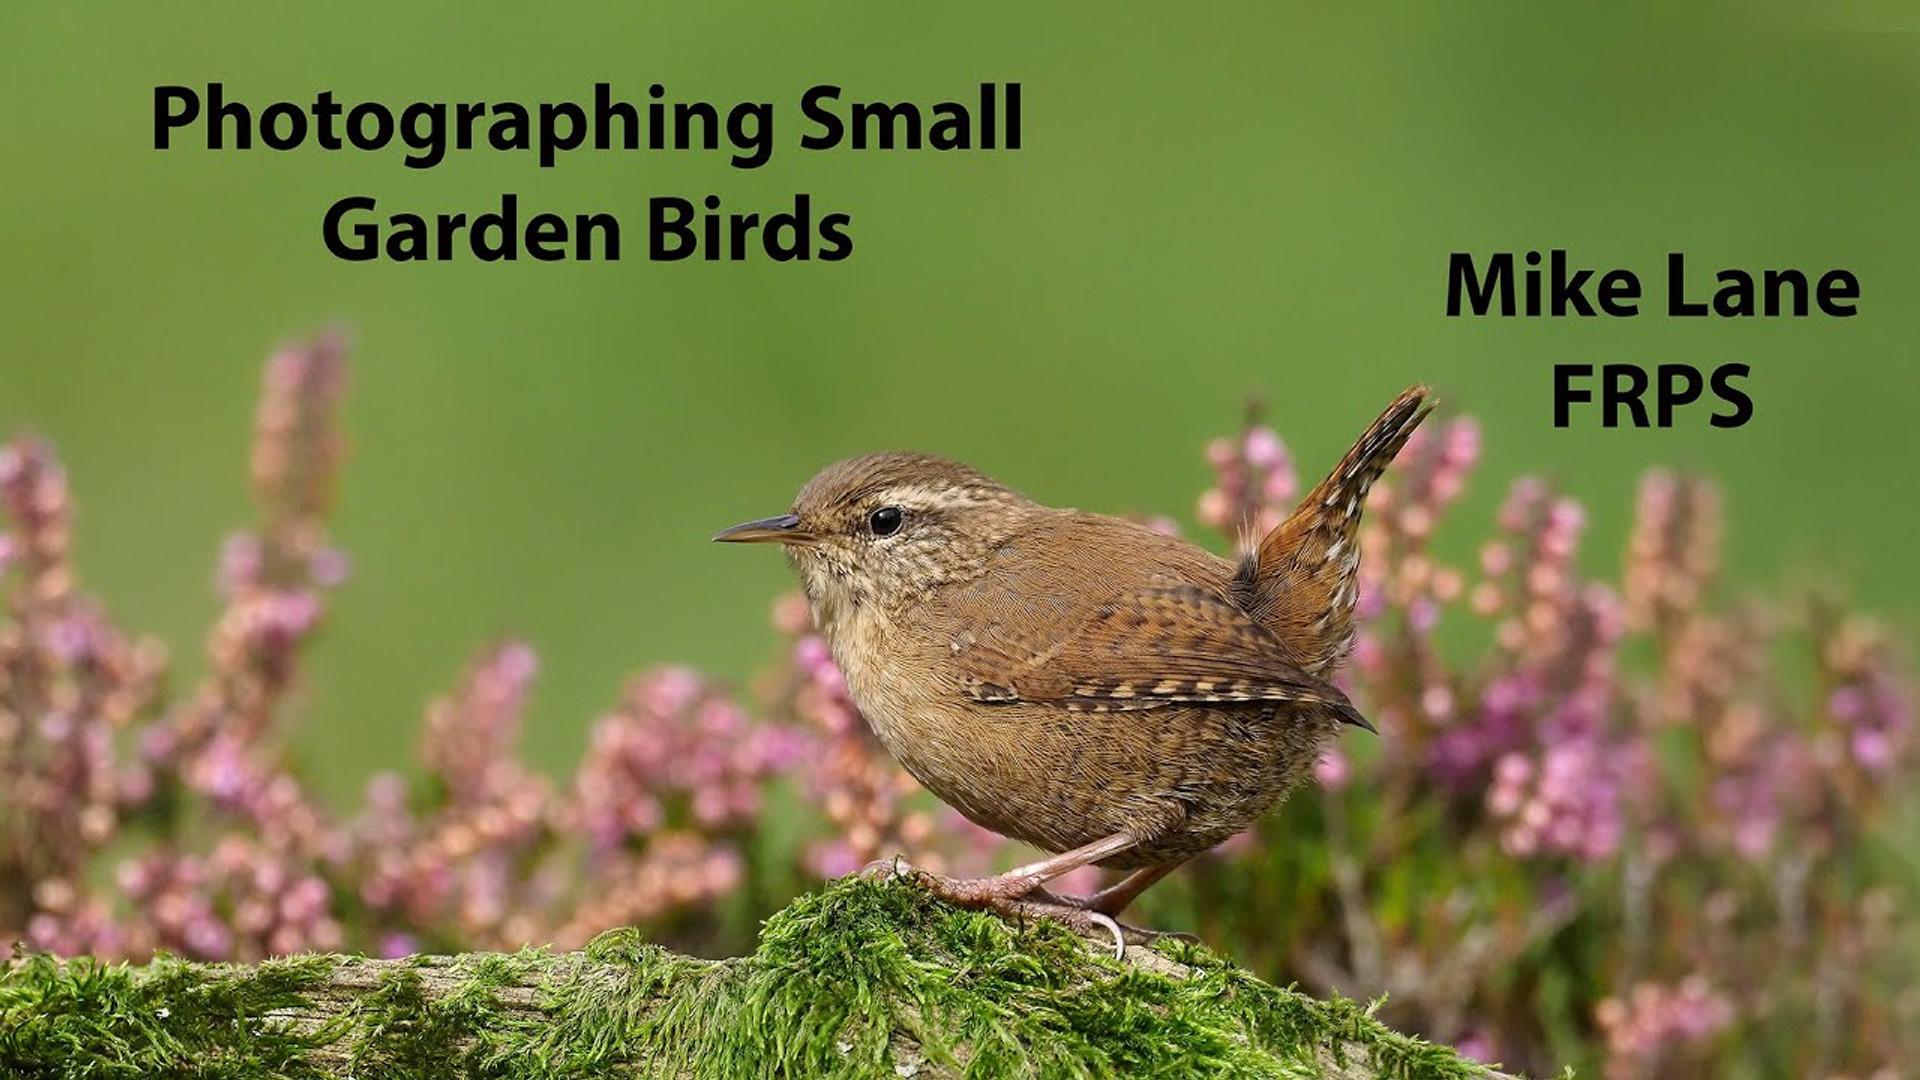 Photographing Small Garden Birds